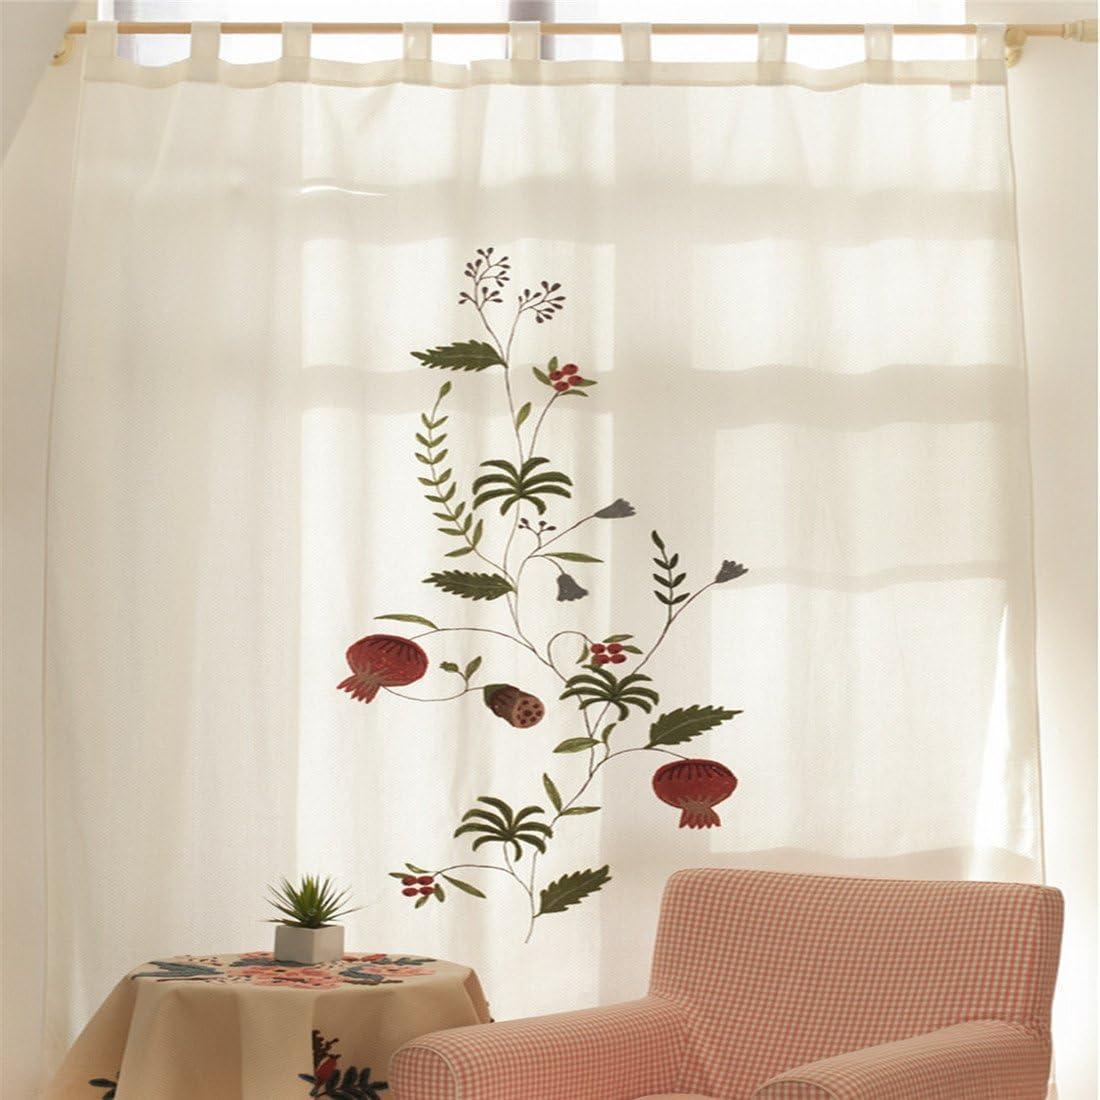 eanshome Country Style flor bordado Tela de algodón cortina opaca para salón o dormitorio, tela, Blanco, 180 x 260cm(70.87